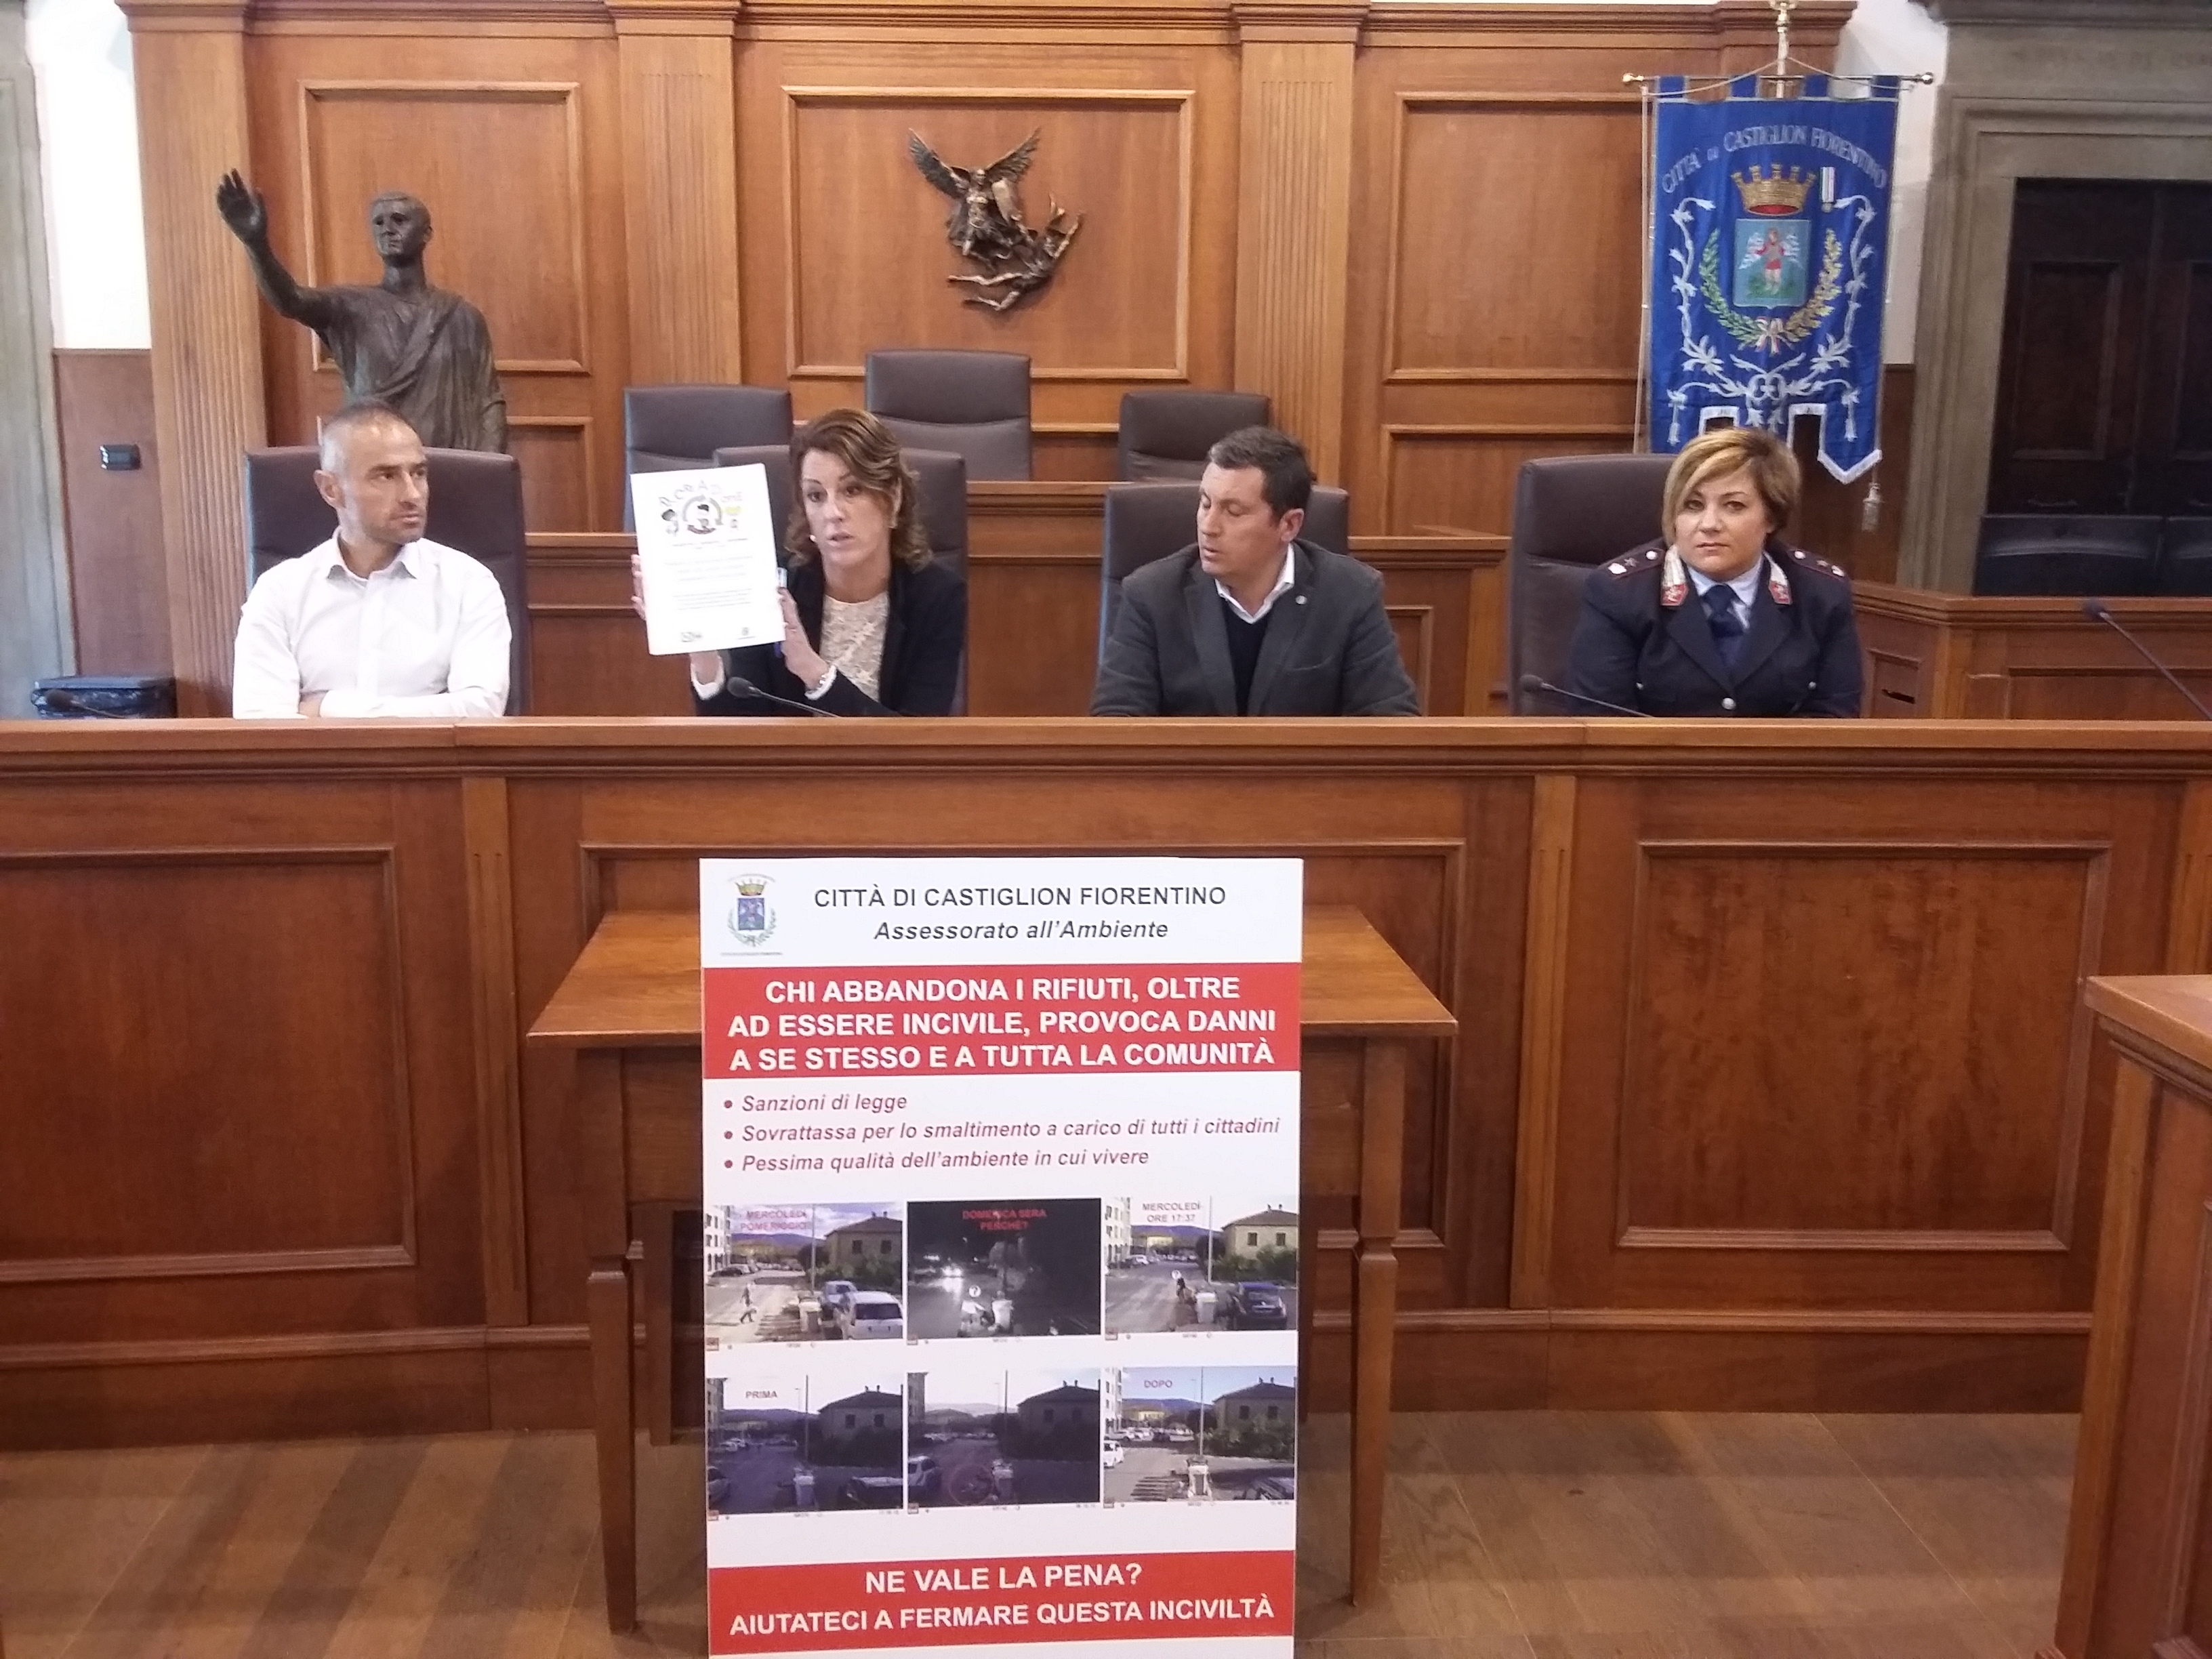 Foto-trappole contro chi abbandona i rifiuti a Castiglion Fiorentino